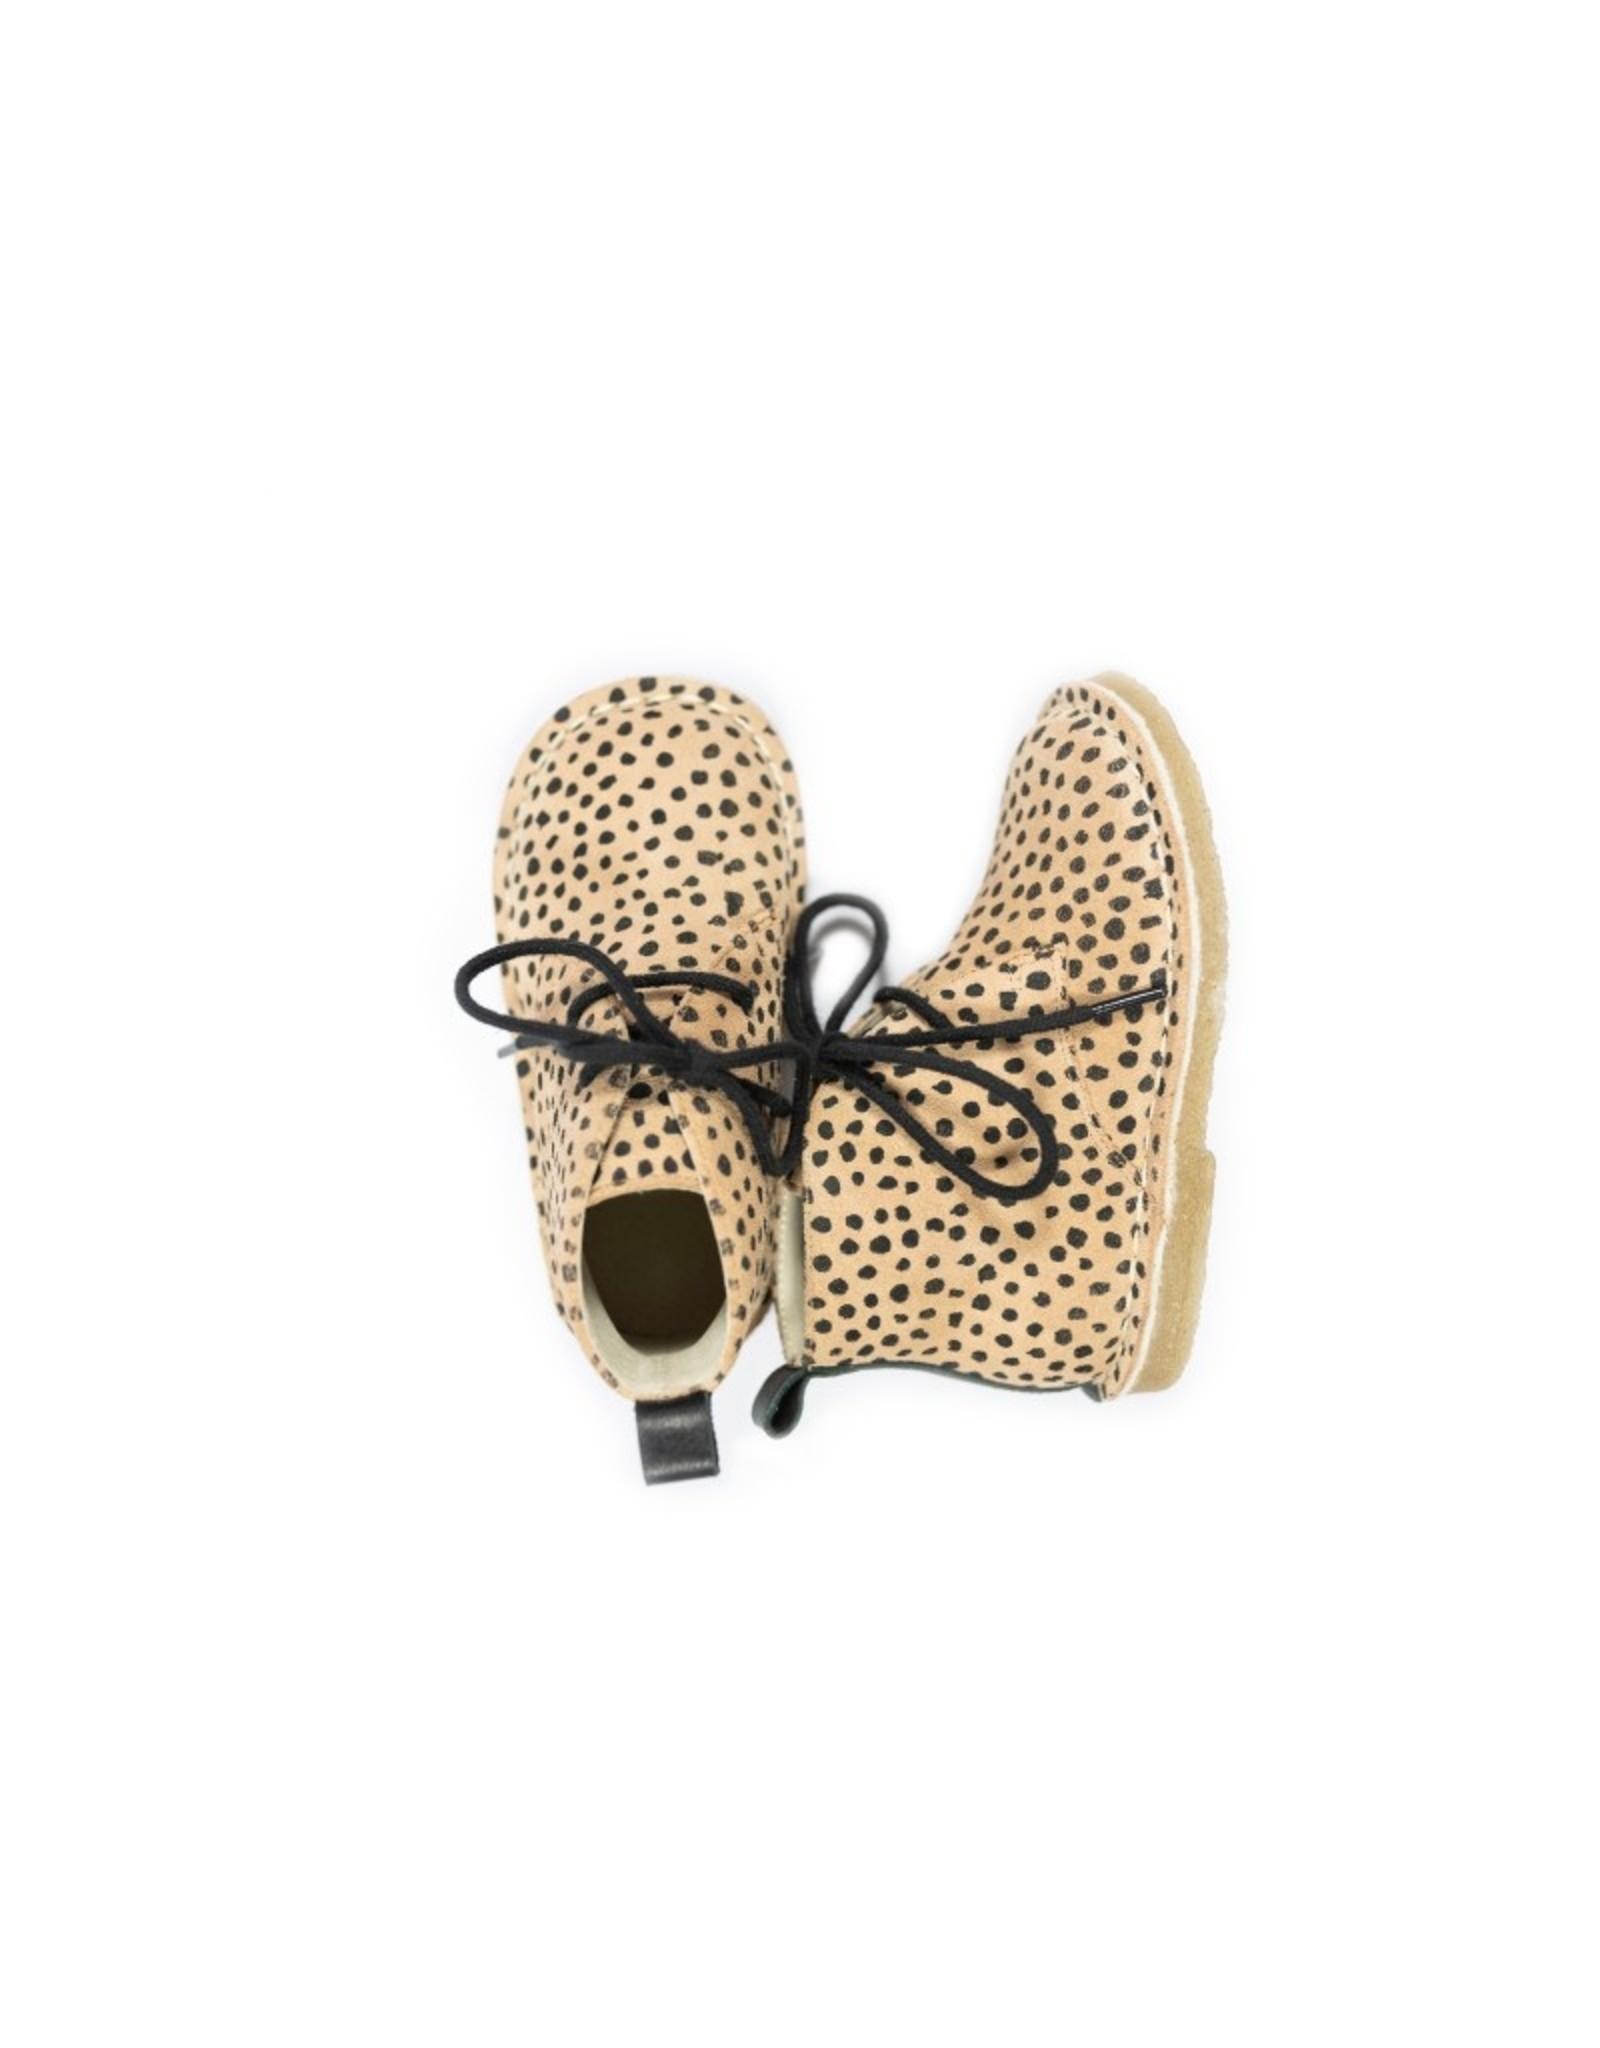 Mockies Mockies Kids Boots Speckle Sand